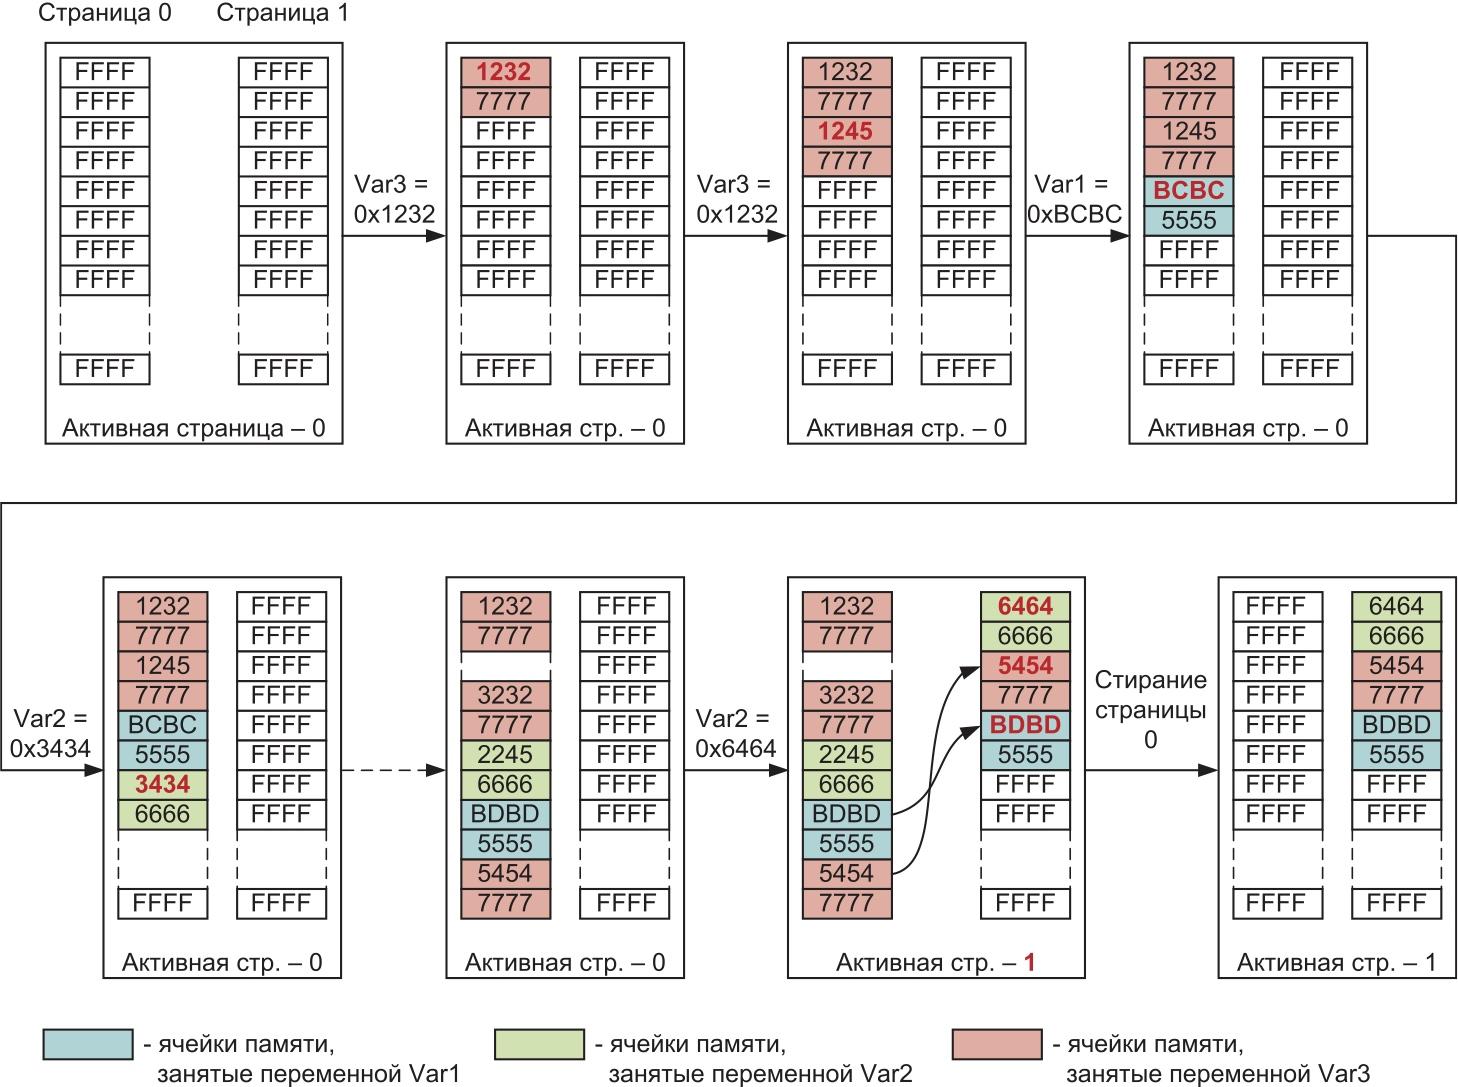 Принцип обновления данных во flash-памяти при эмуляции EEPROM